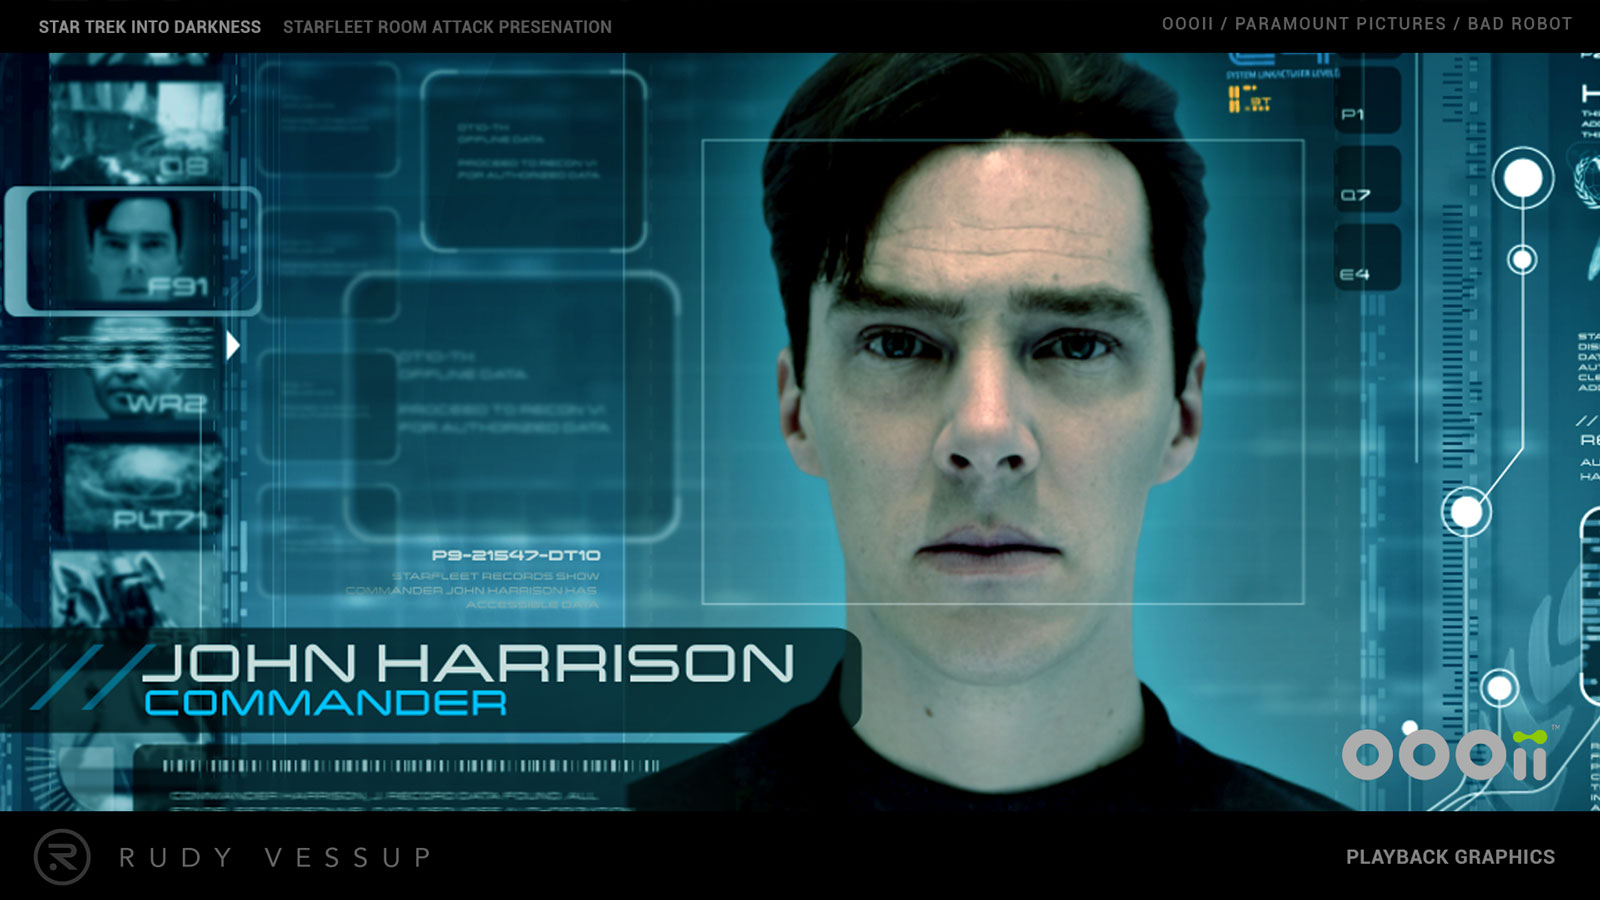 starfleet_roomattack_interface.jpg